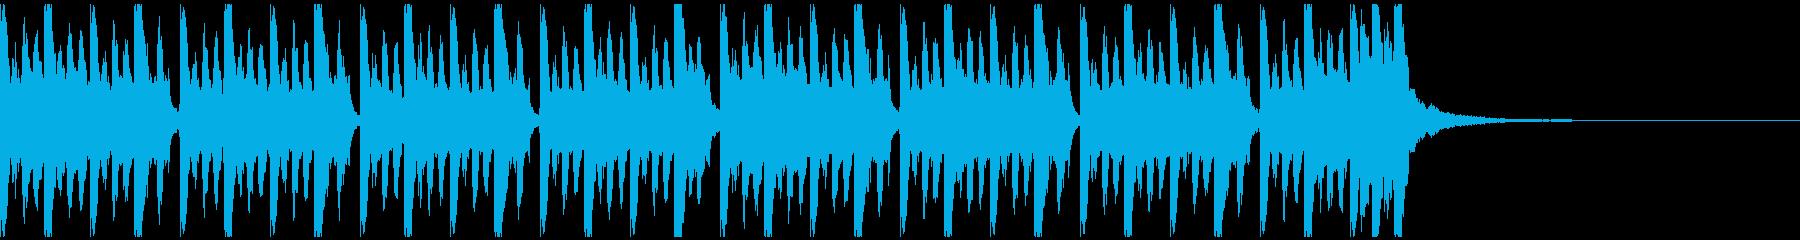 ドライブ(ショート)の再生済みの波形